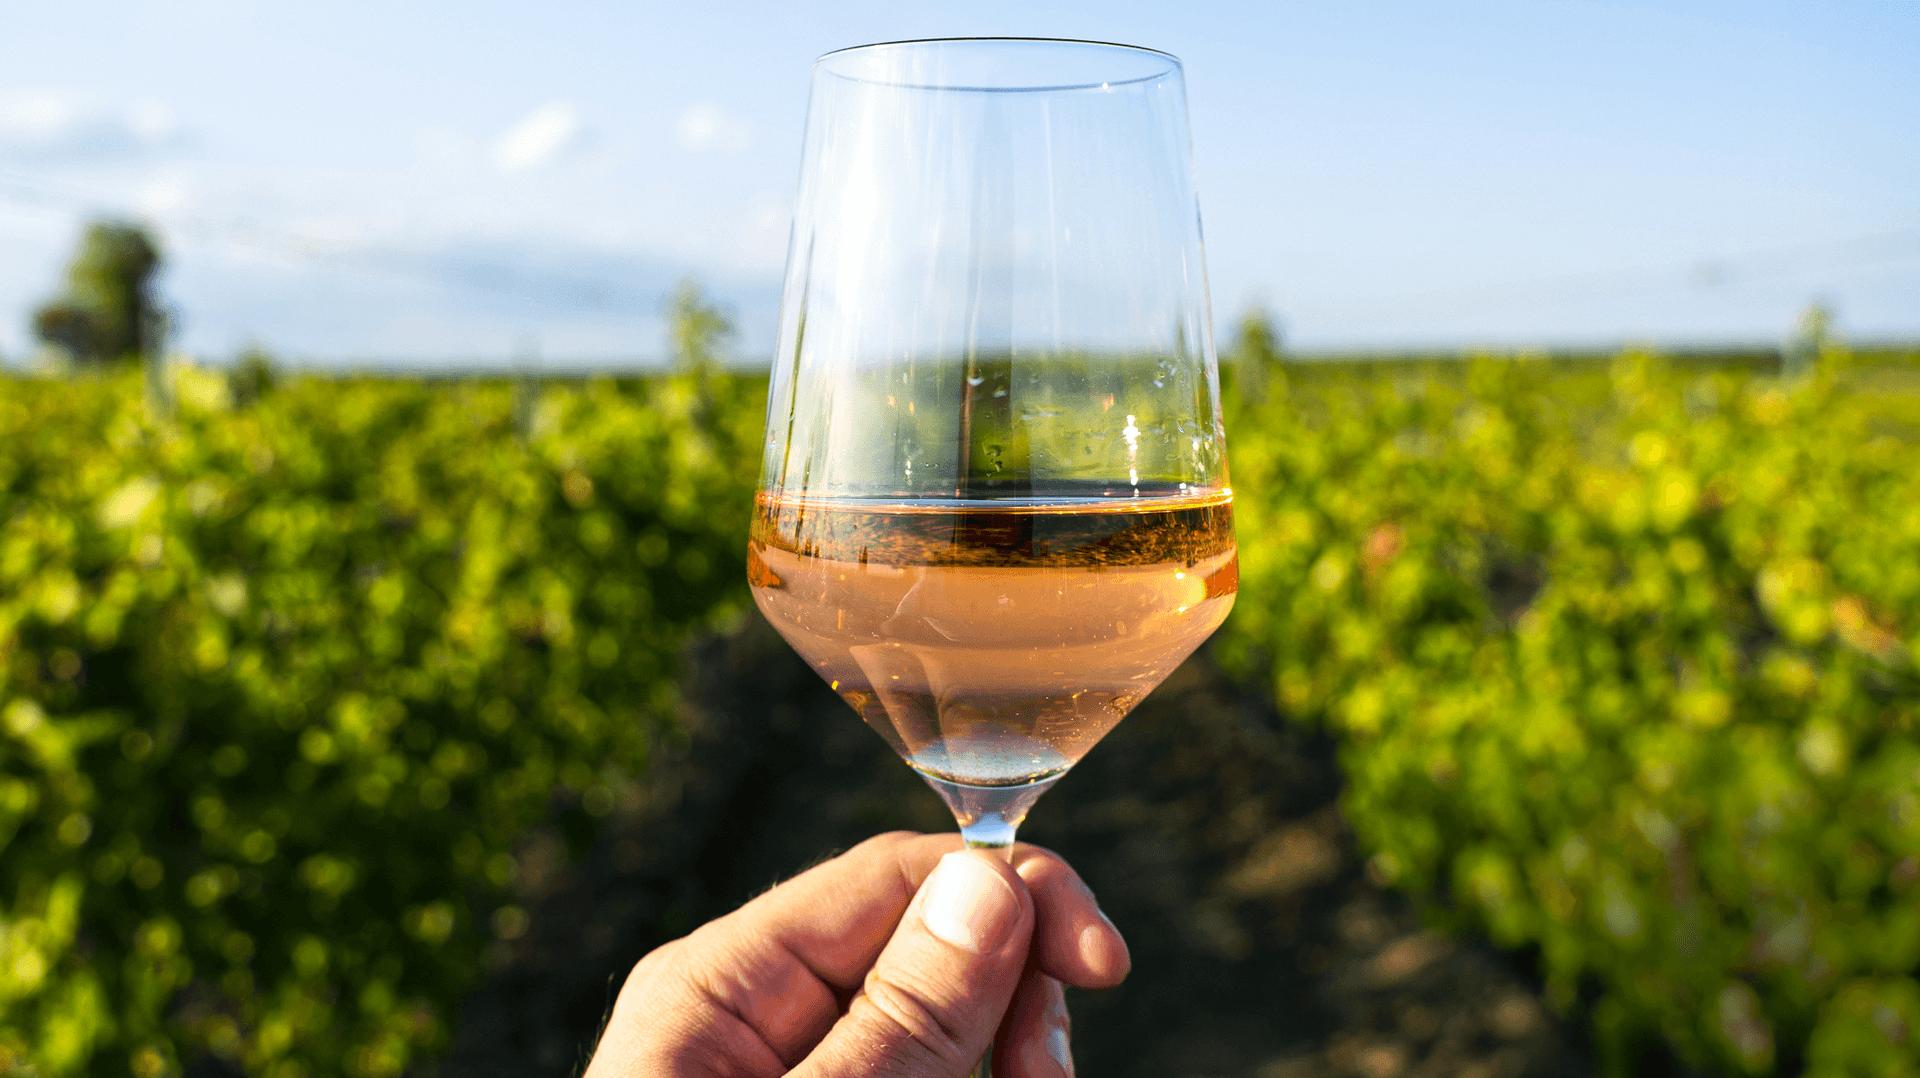 Eine Hand hält ein Weinglas vor Weinreben bei sonnigem Wetter